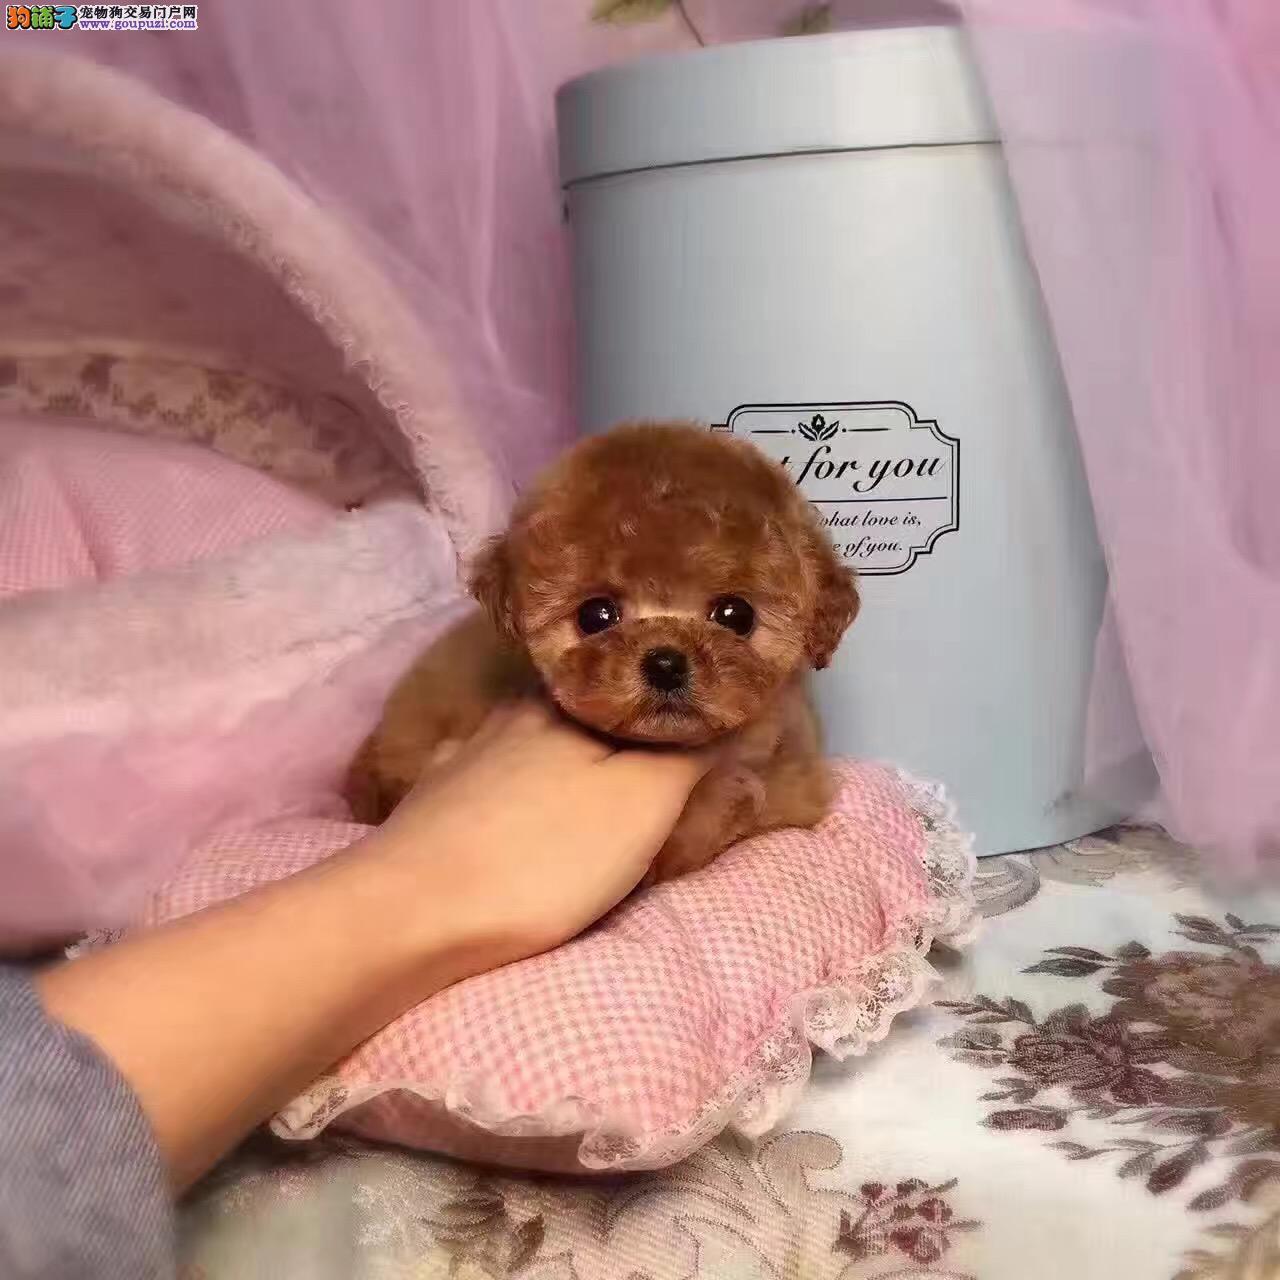 泰迪熊 纯种泰迪熊犬 灰色泰迪熊 茶杯犬,可视频